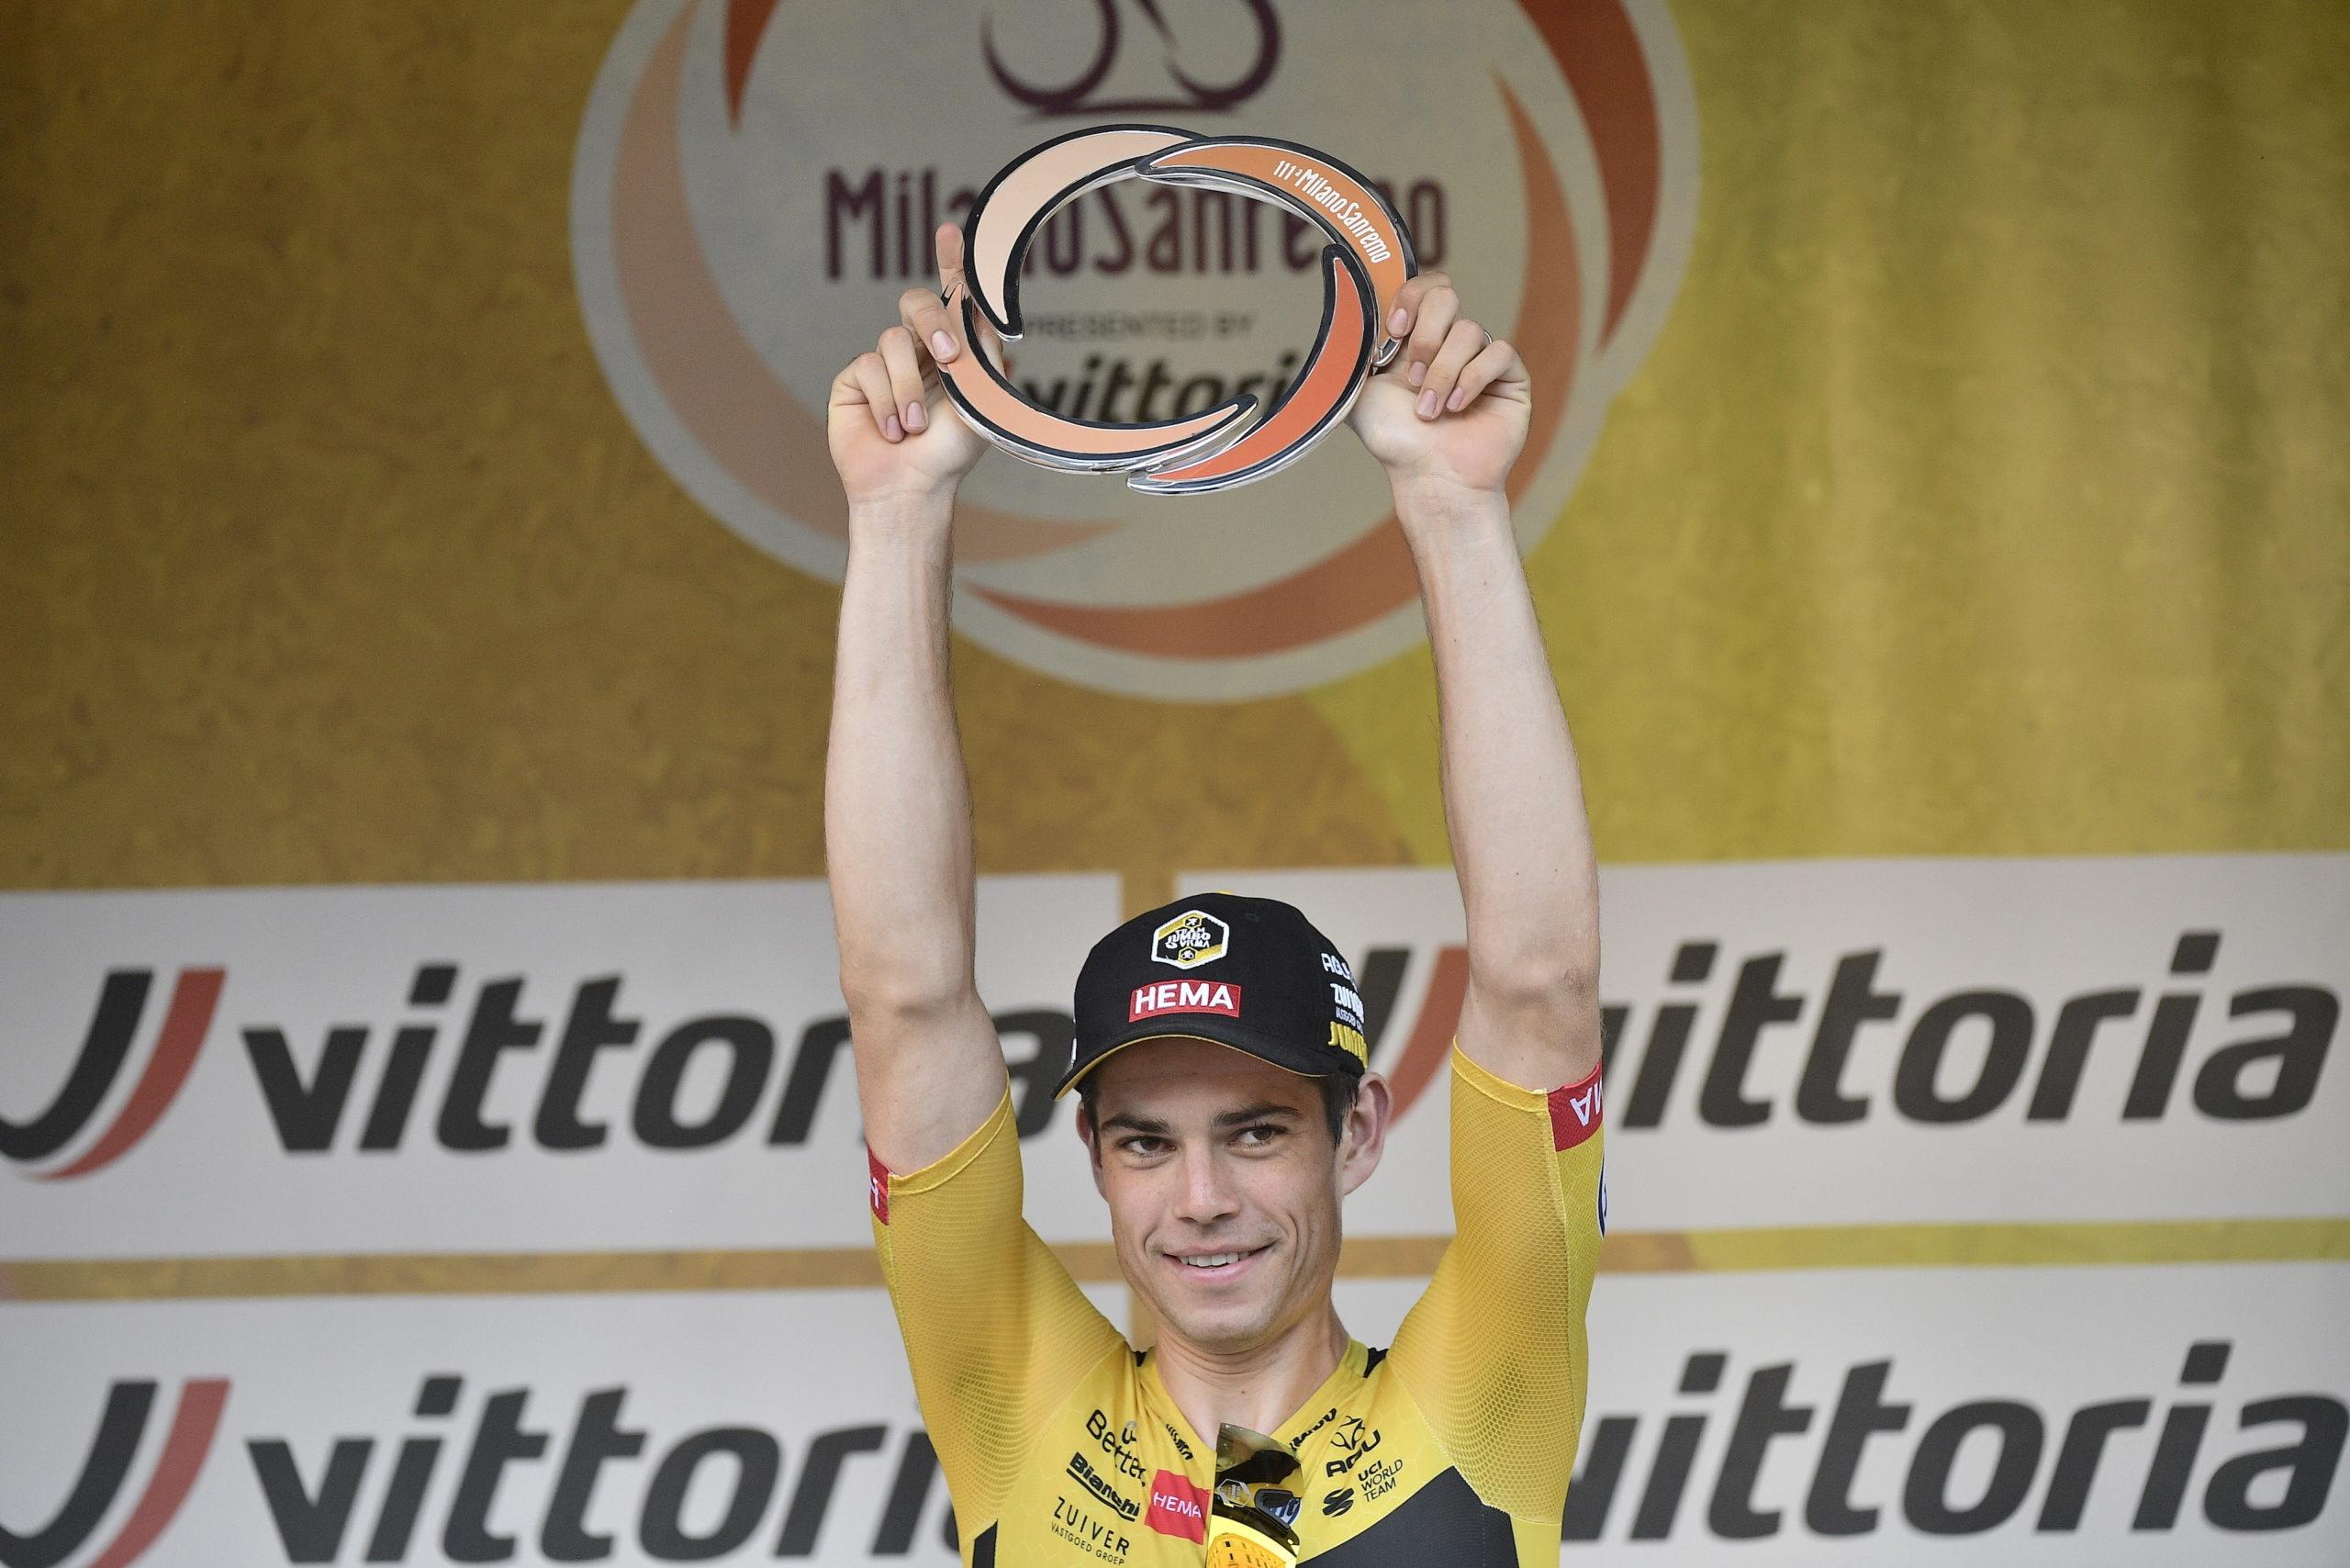 Wout van Aert vinder af Milano-Sanremo nr. 111